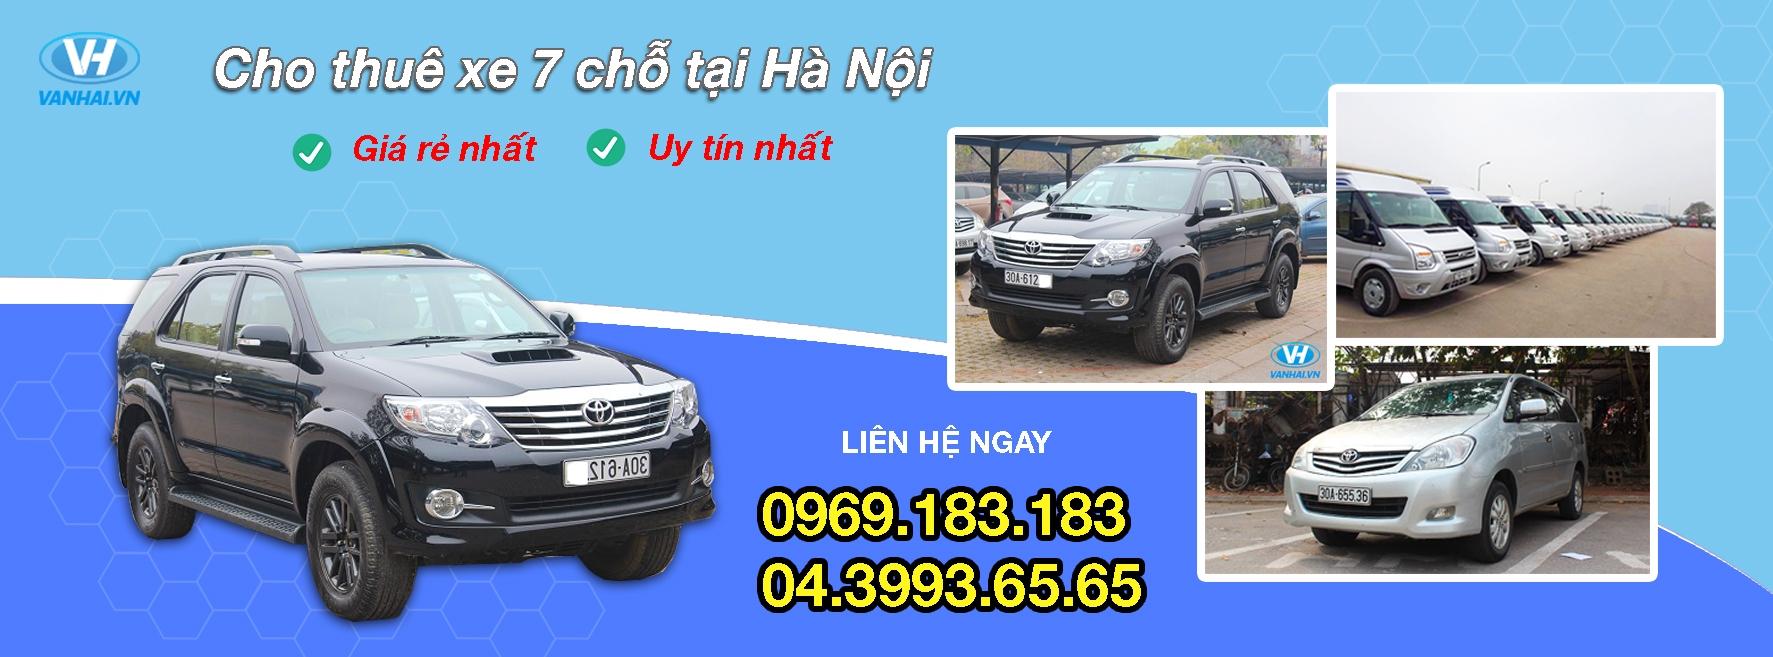 Cho thuê xe 7 chỗ giá tốt, xe chất lượng (@chothuexe7cho) Cover Image